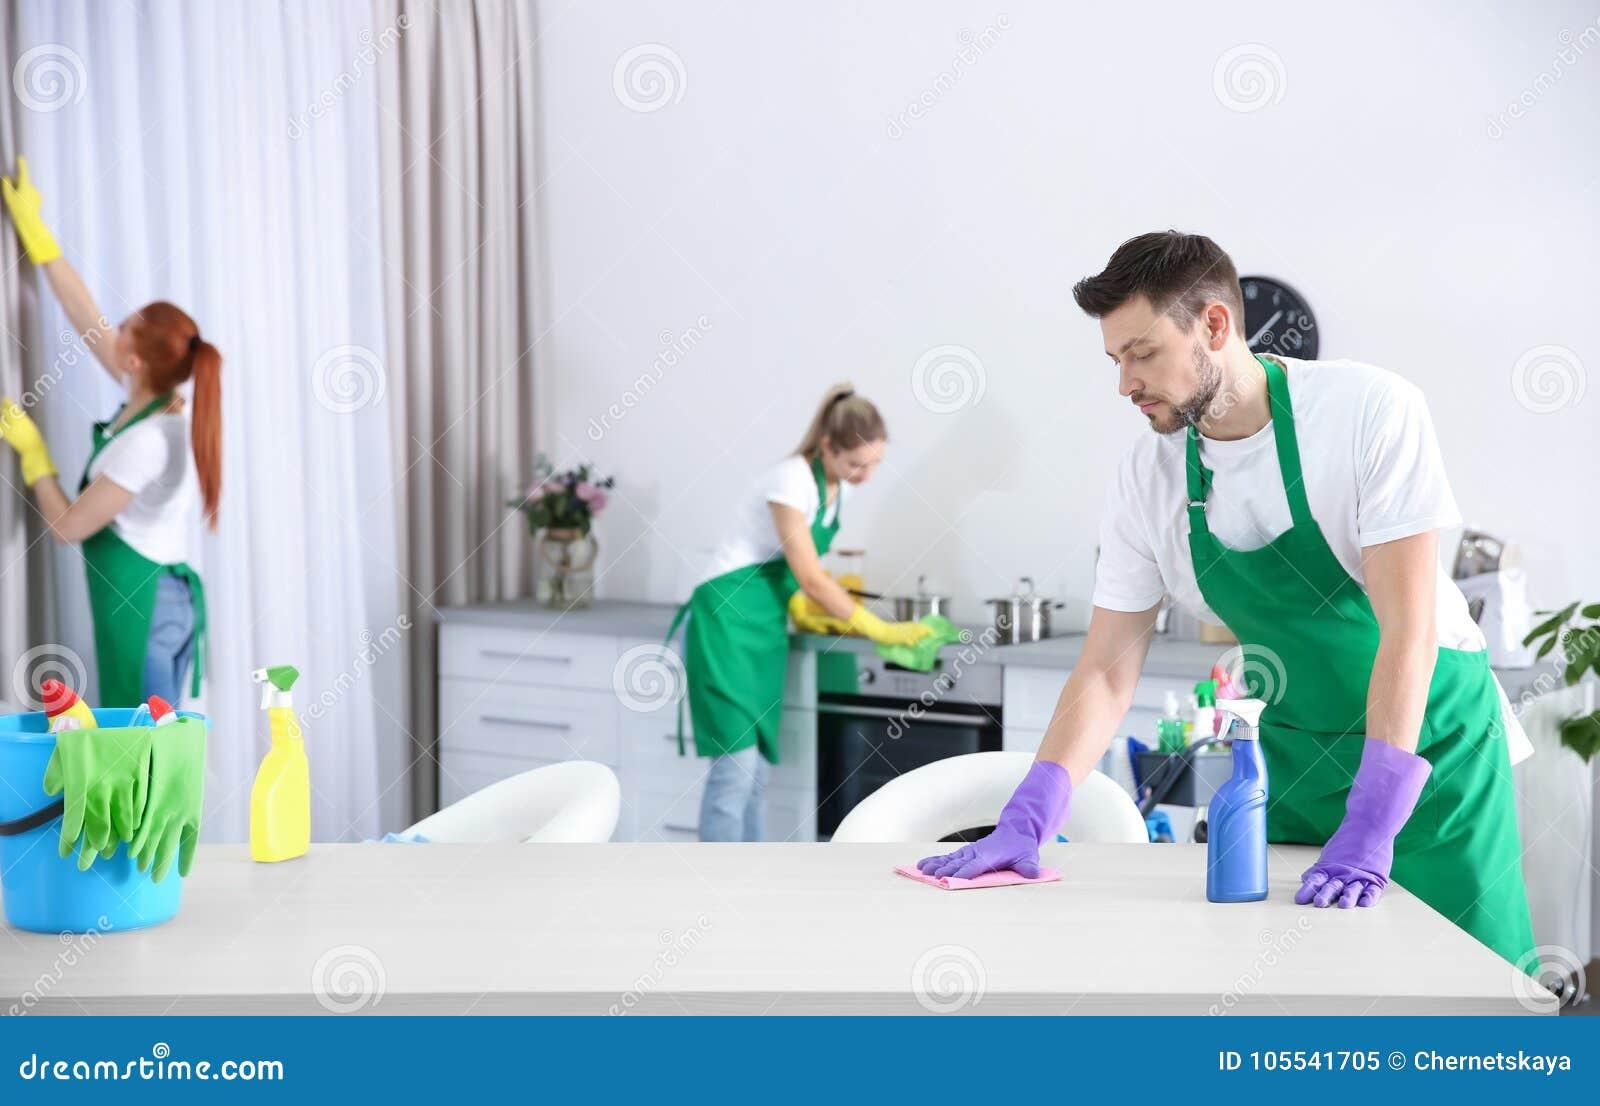 Équipe de service de nettoyage travaillant dans la cuisine